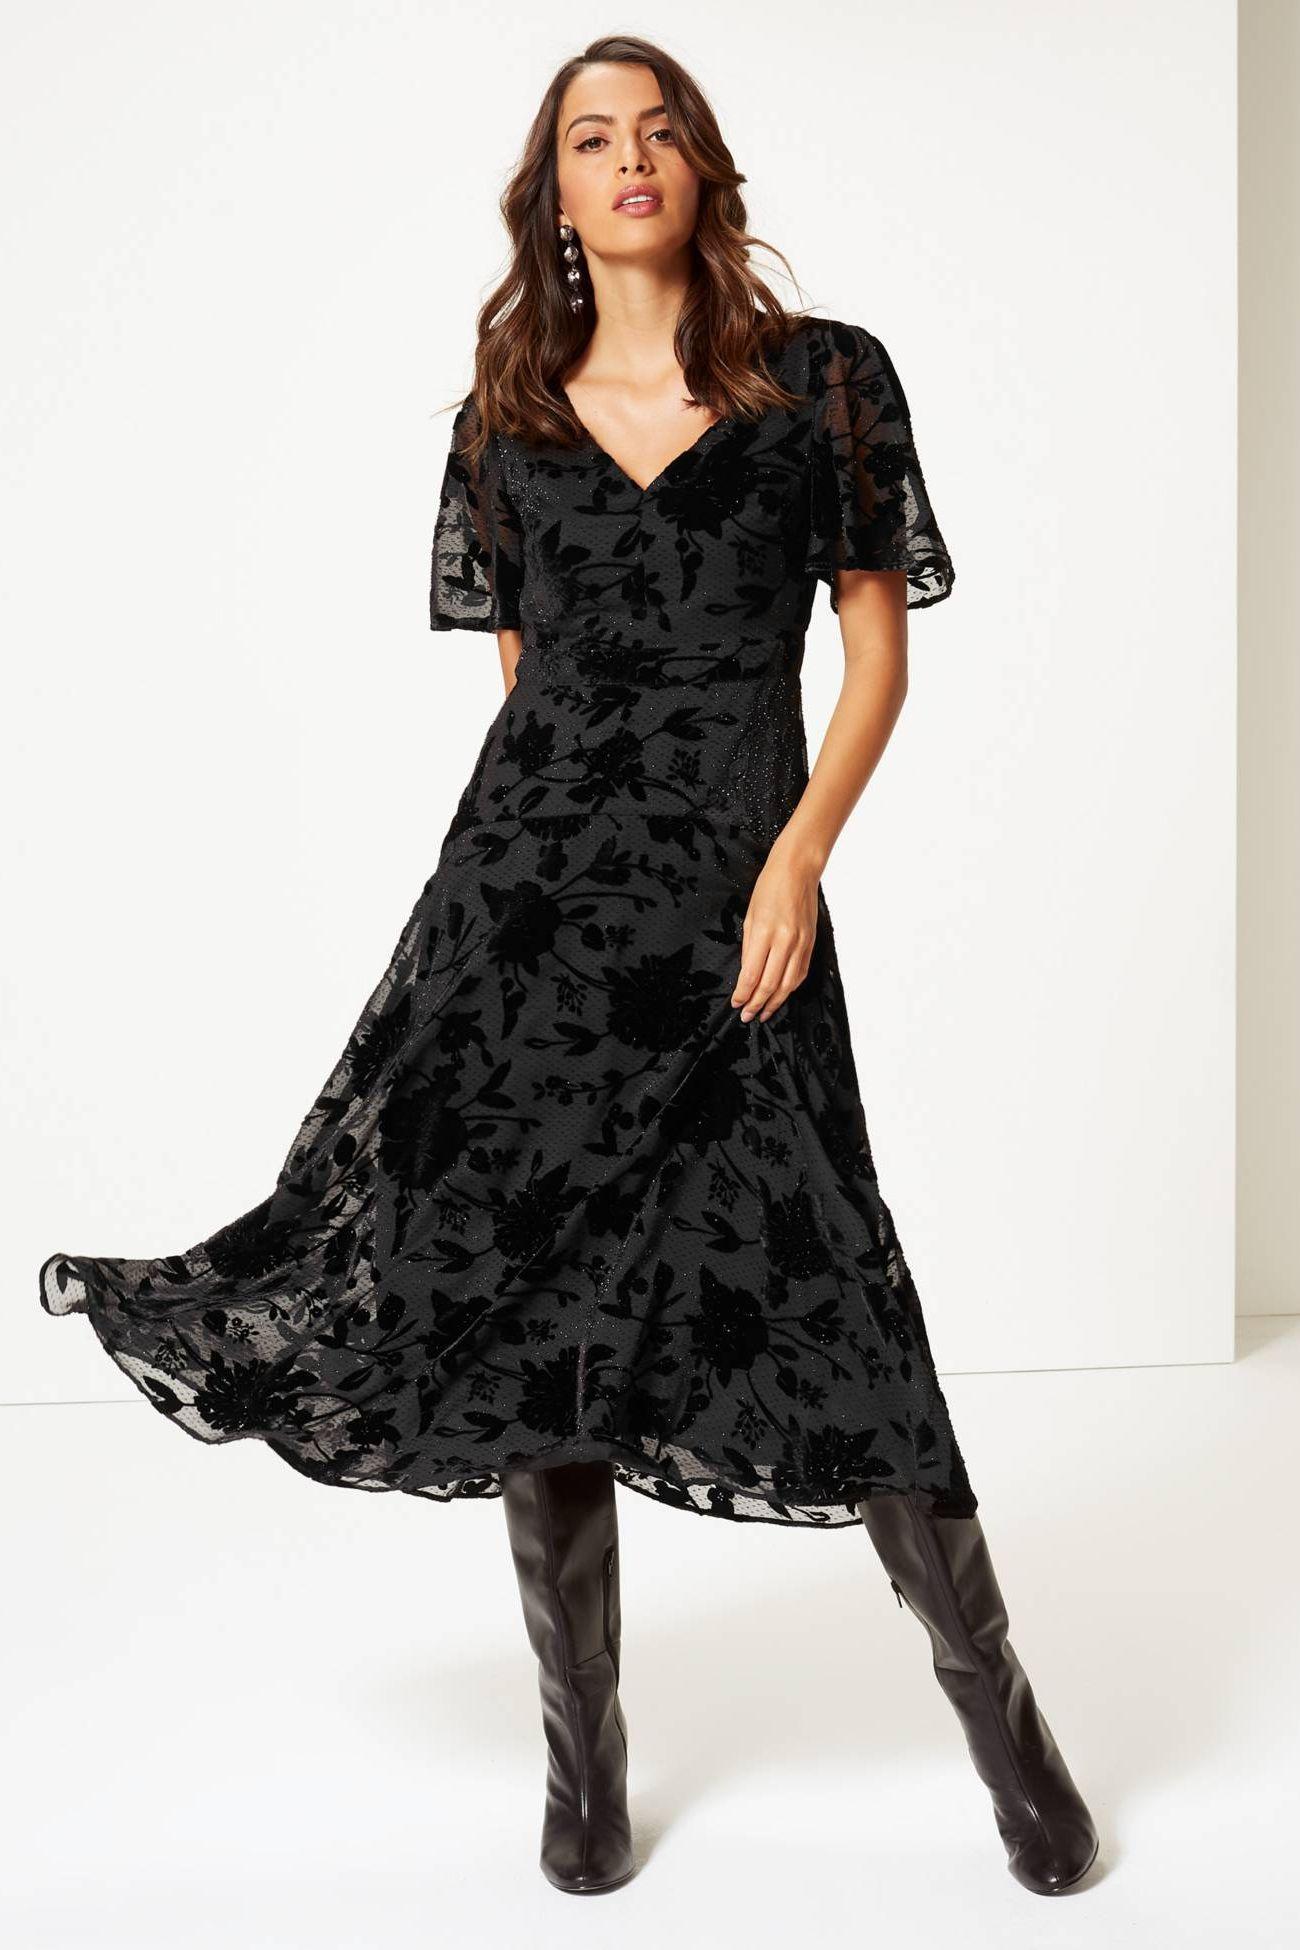 Marks & Spencer dresses